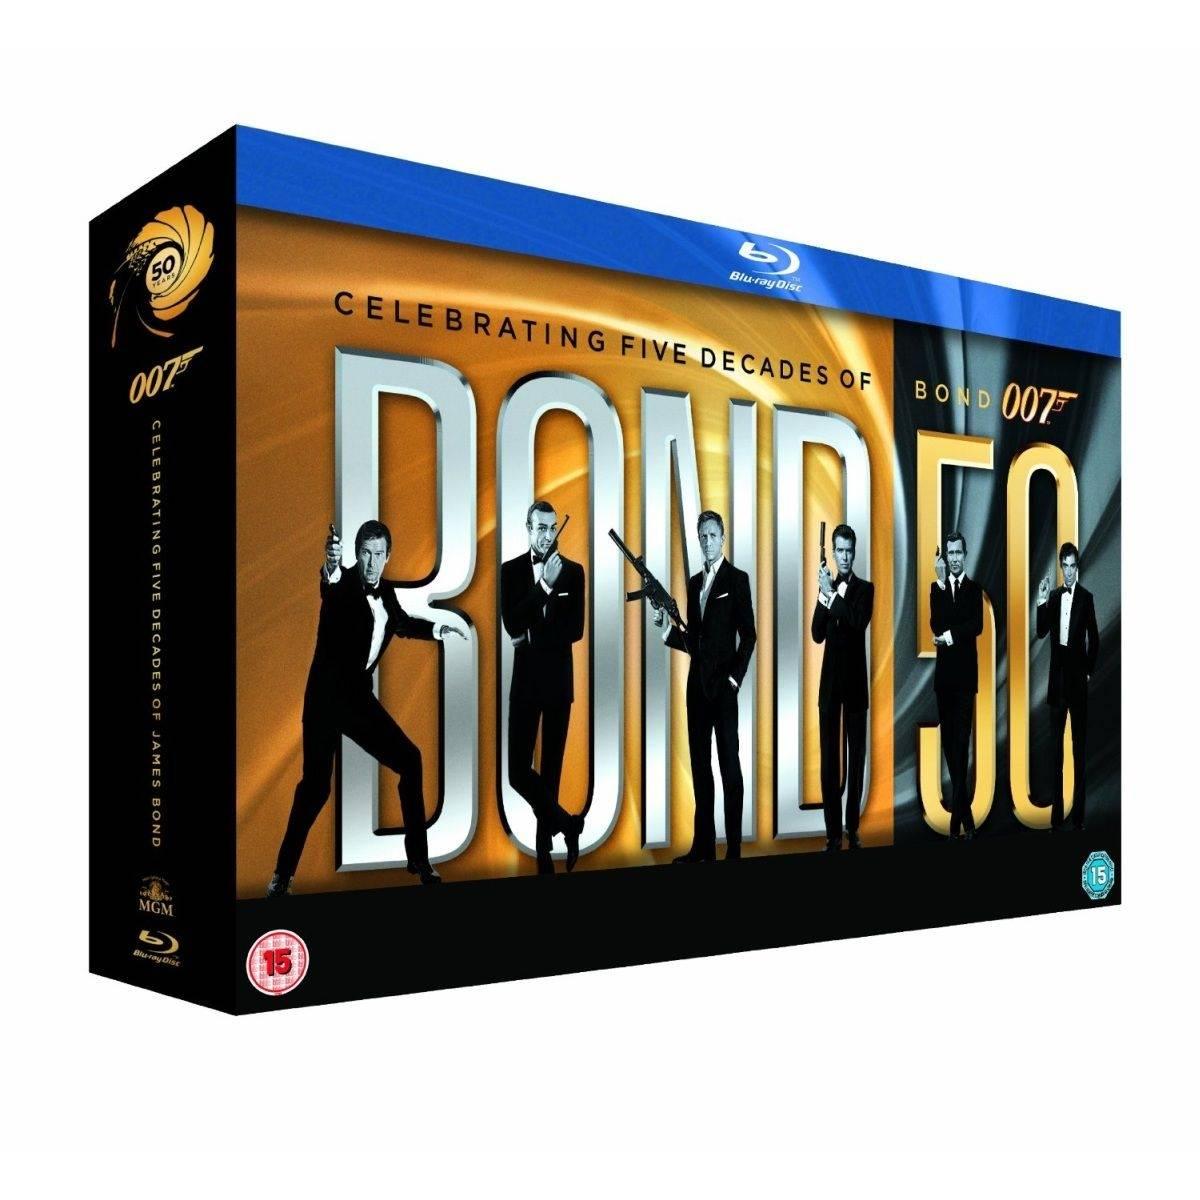 Kolekcja 23. części filmów o Jamesie Bondzie na Blu-ray, 699,99 pln